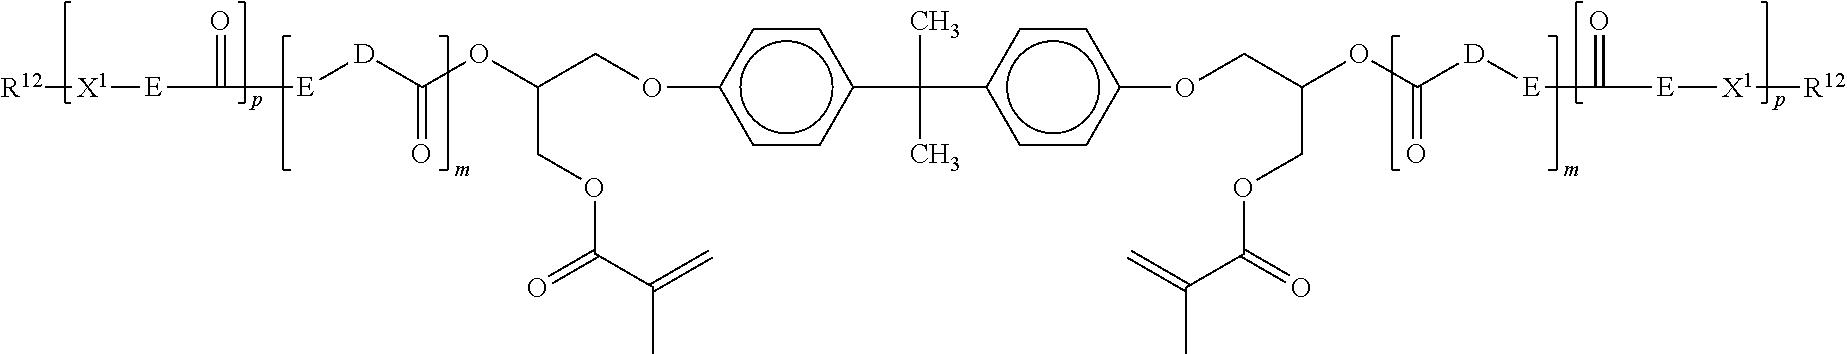 Figure US09532929-20170103-C00015